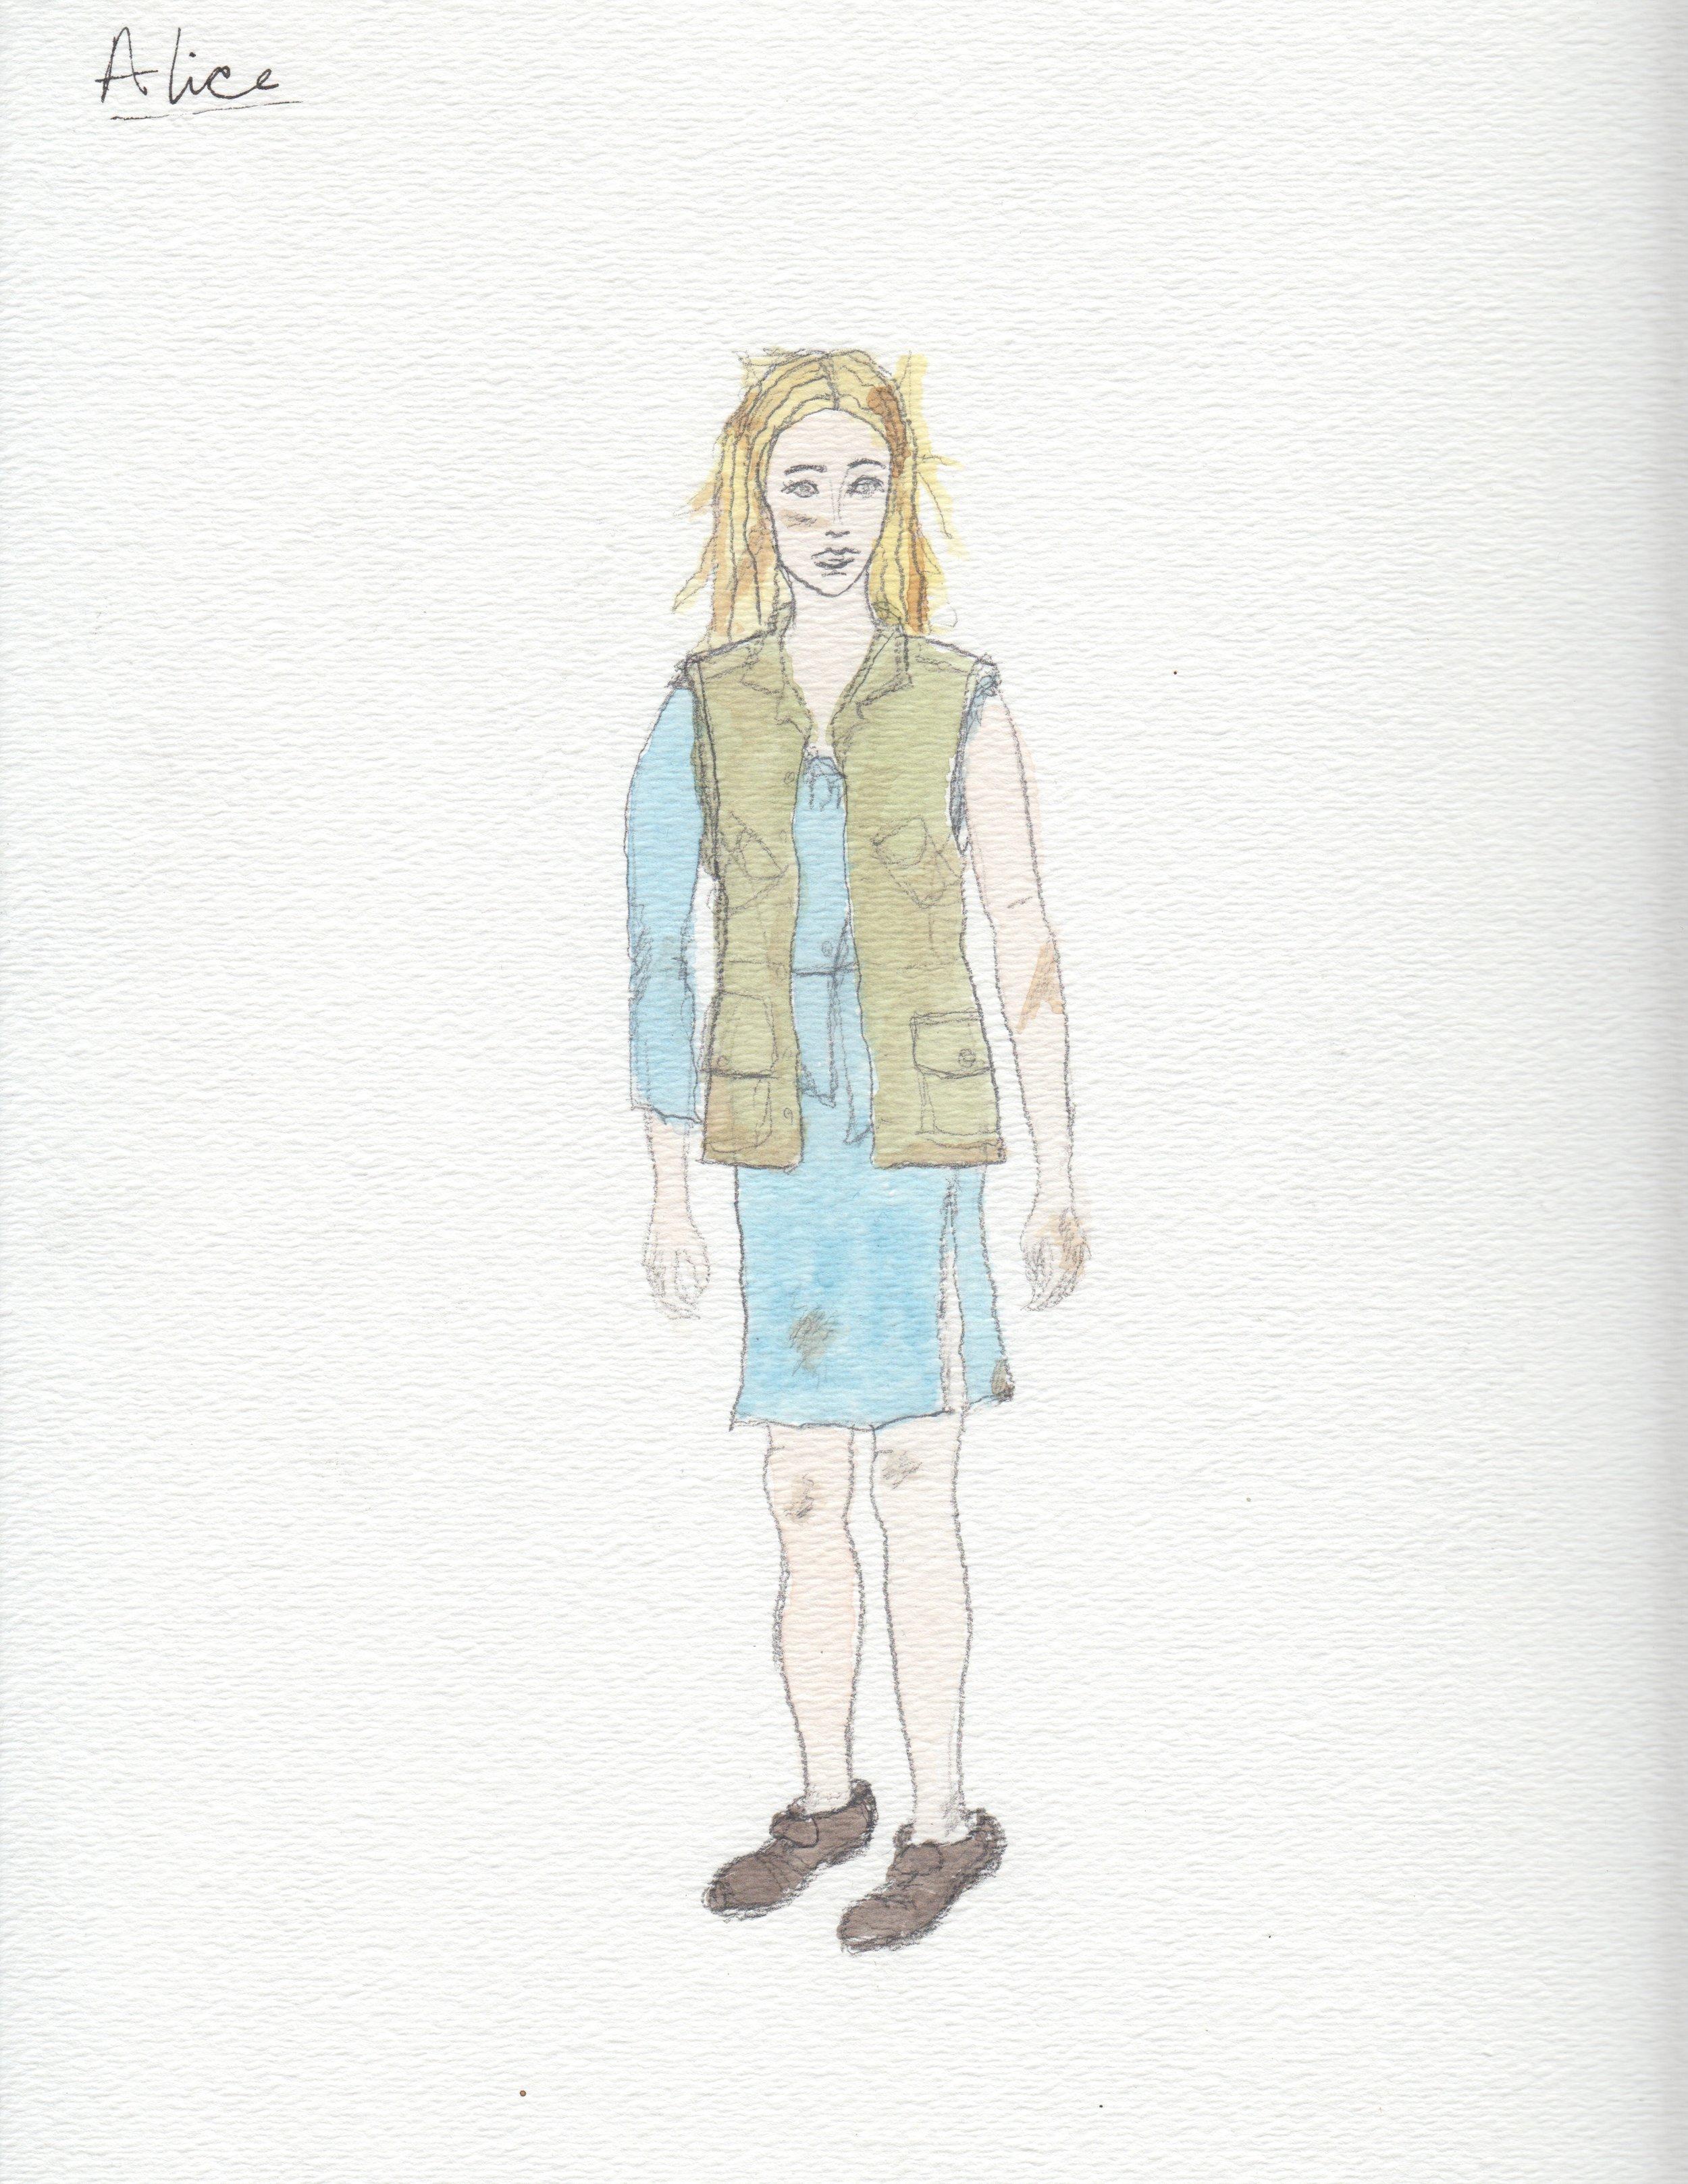 Alice 3.jpg